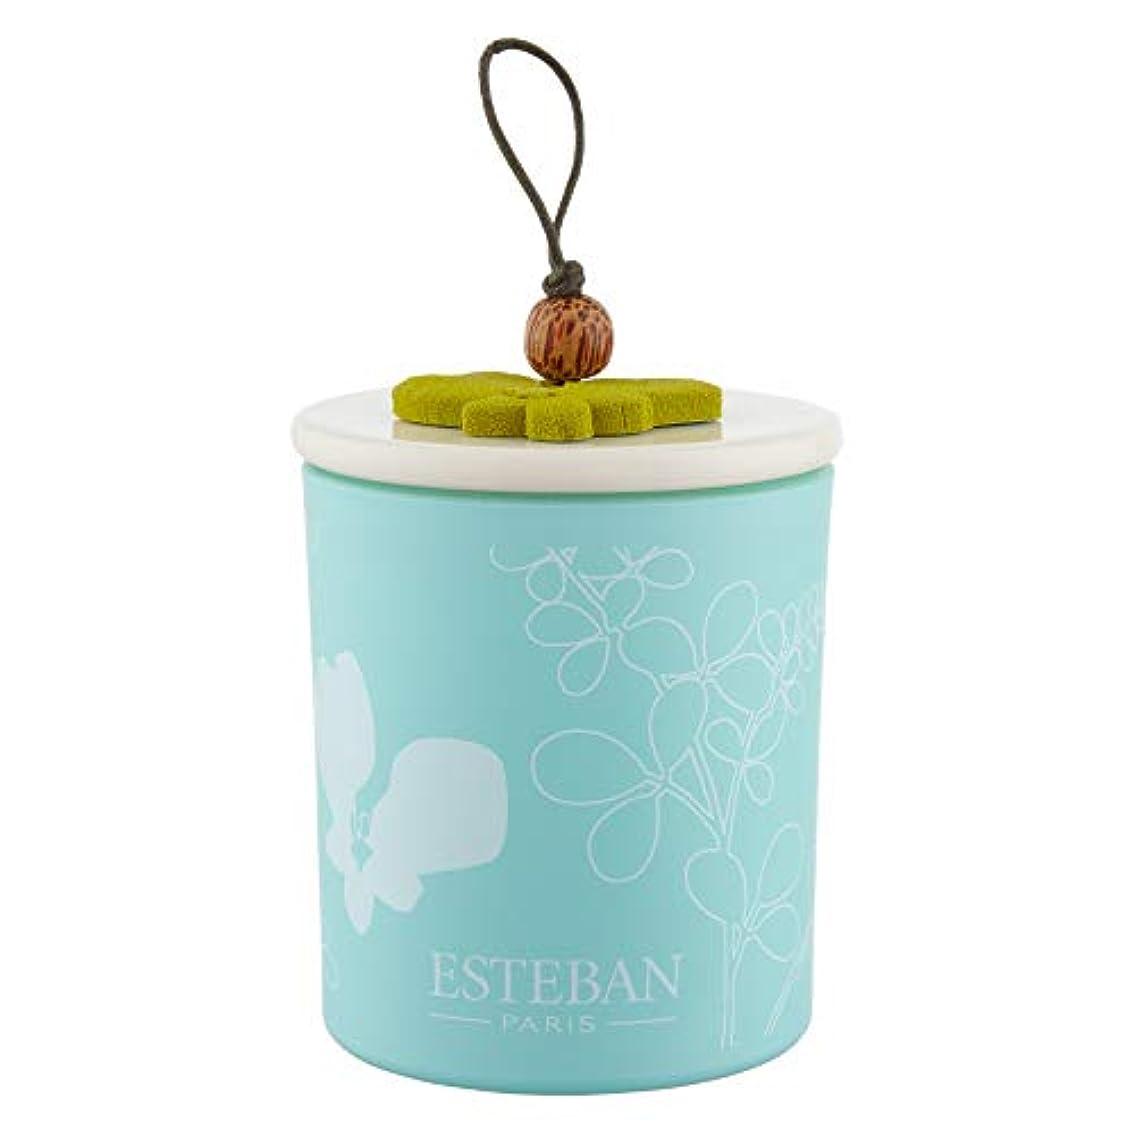 消去性交序文[Esteban ] エステバンは、装飾されたキャンドル170グラムを香りOrchidee - Esteban Orchid?e Scented Decorated Candle 170g [並行輸入品]